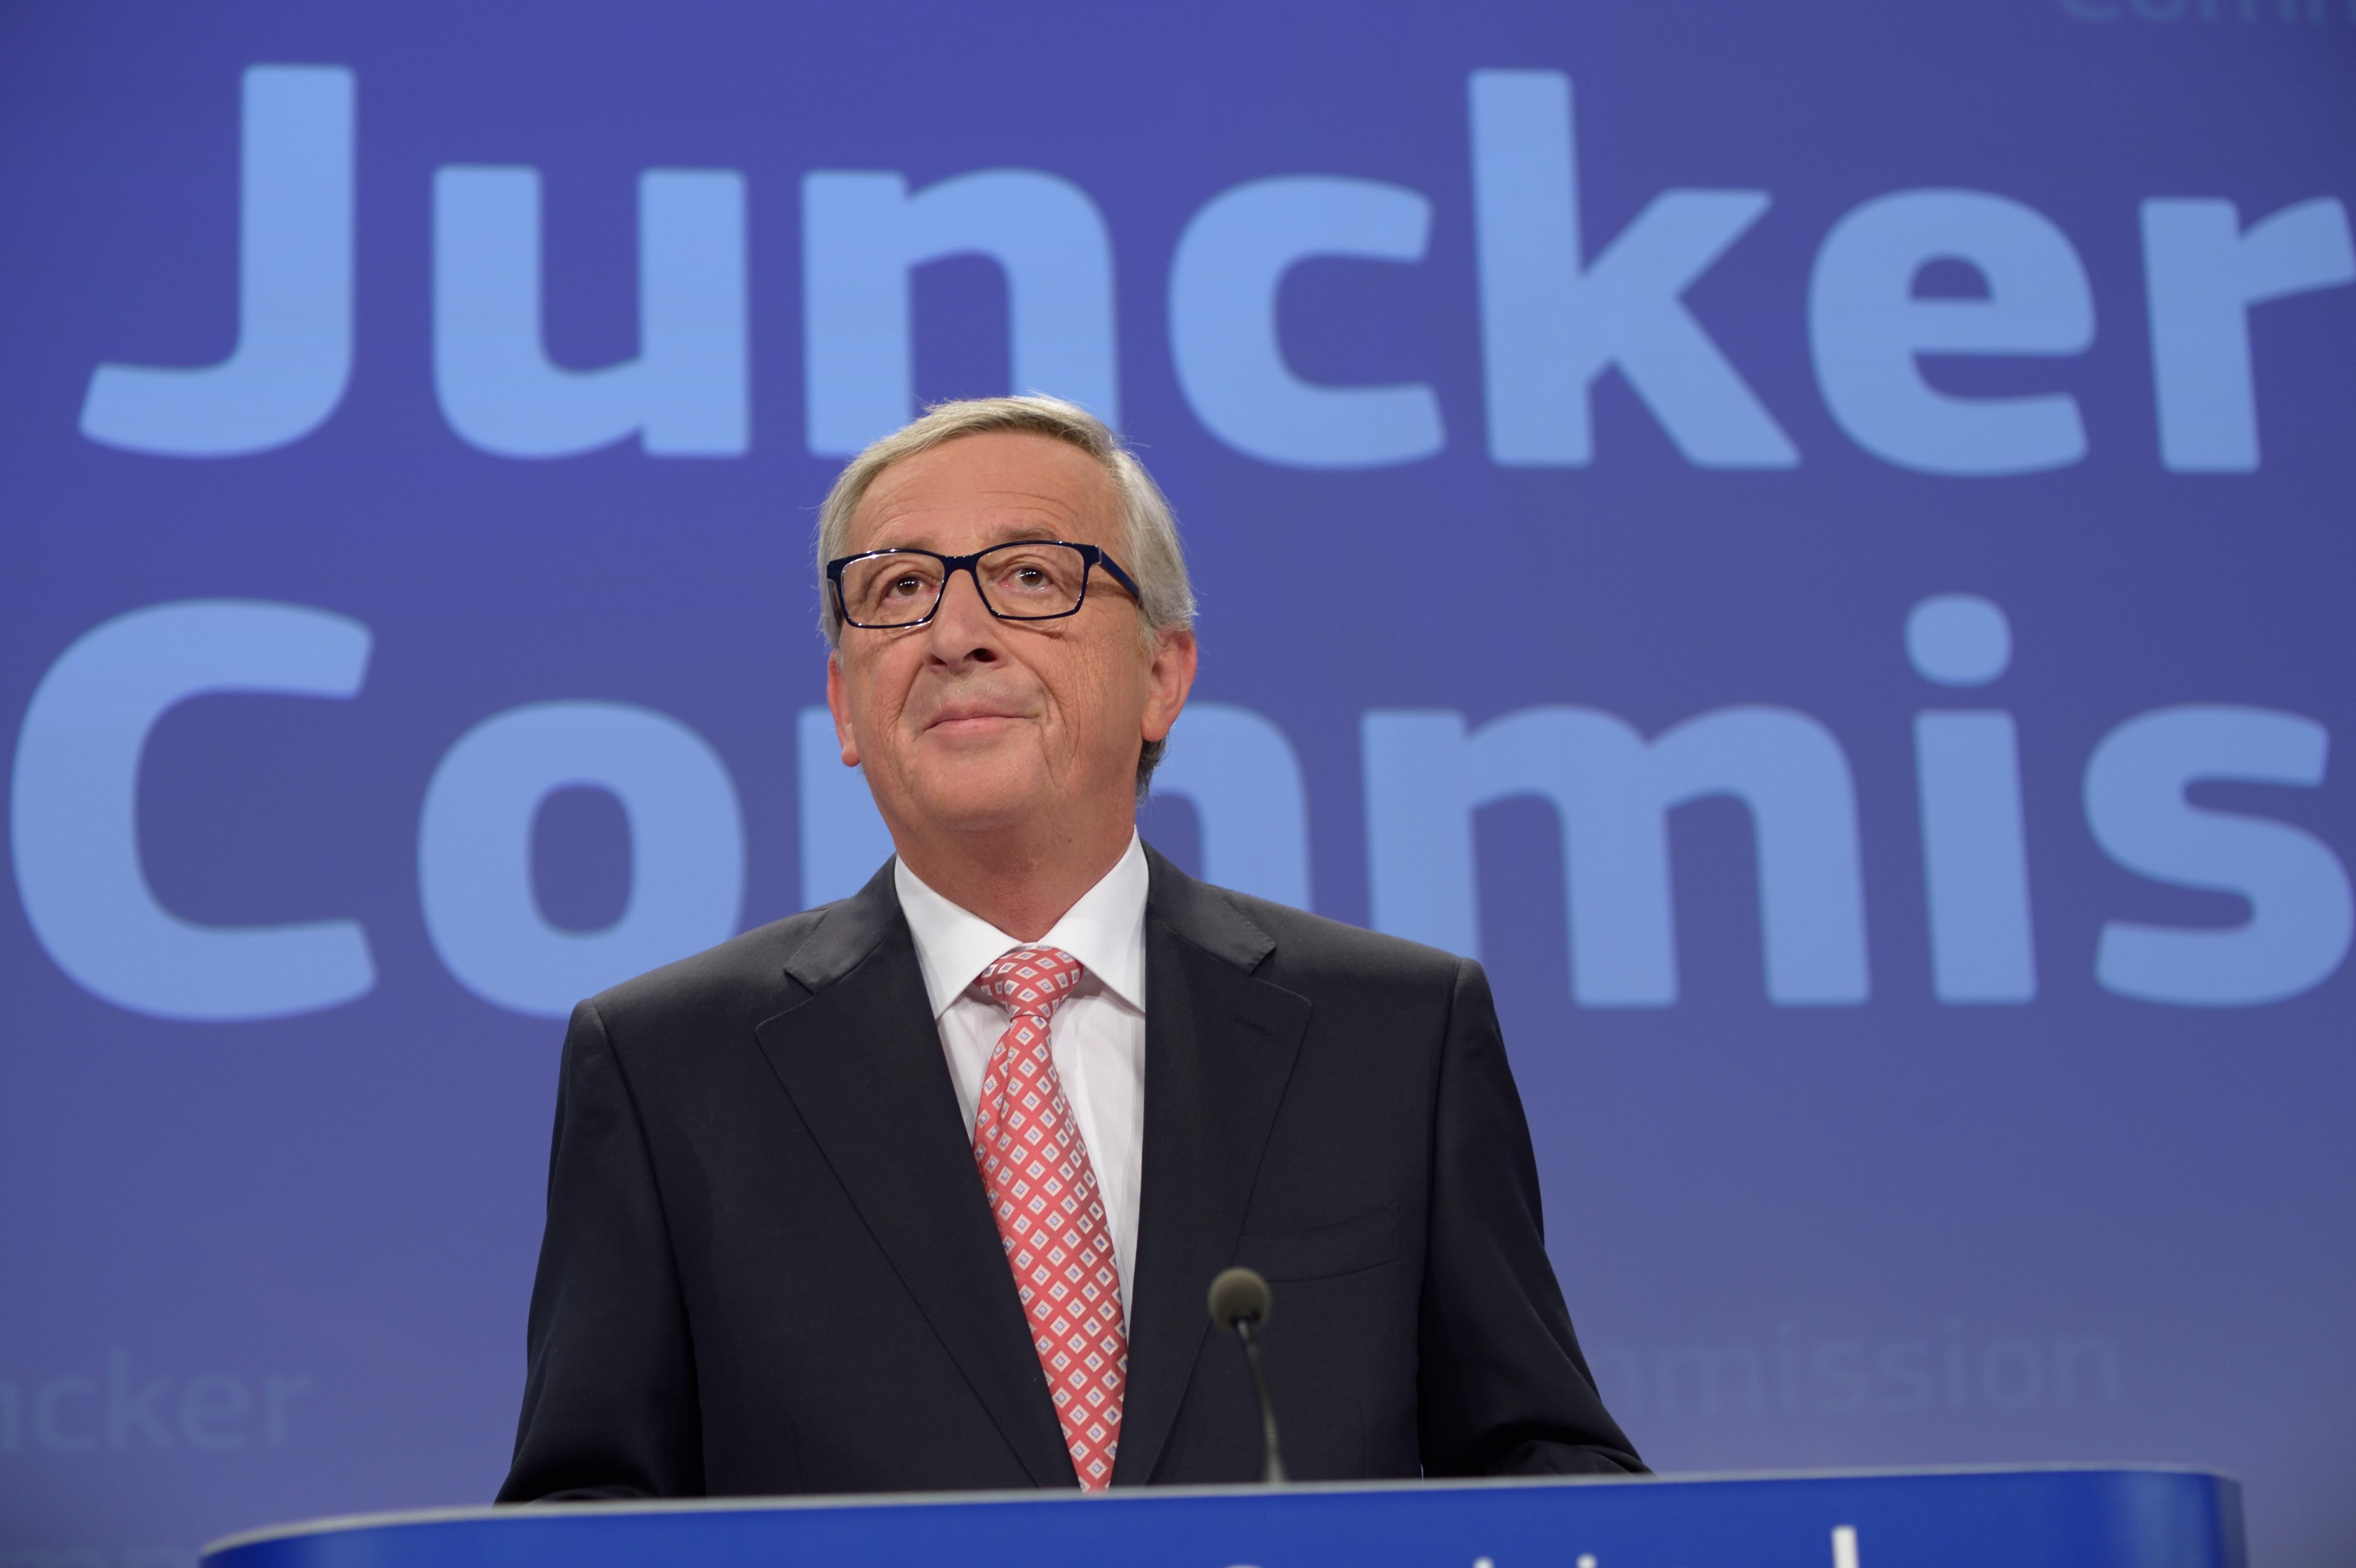 La Comisión Juncker: nuevas caras y nuevo 'lobby' en Bruselas